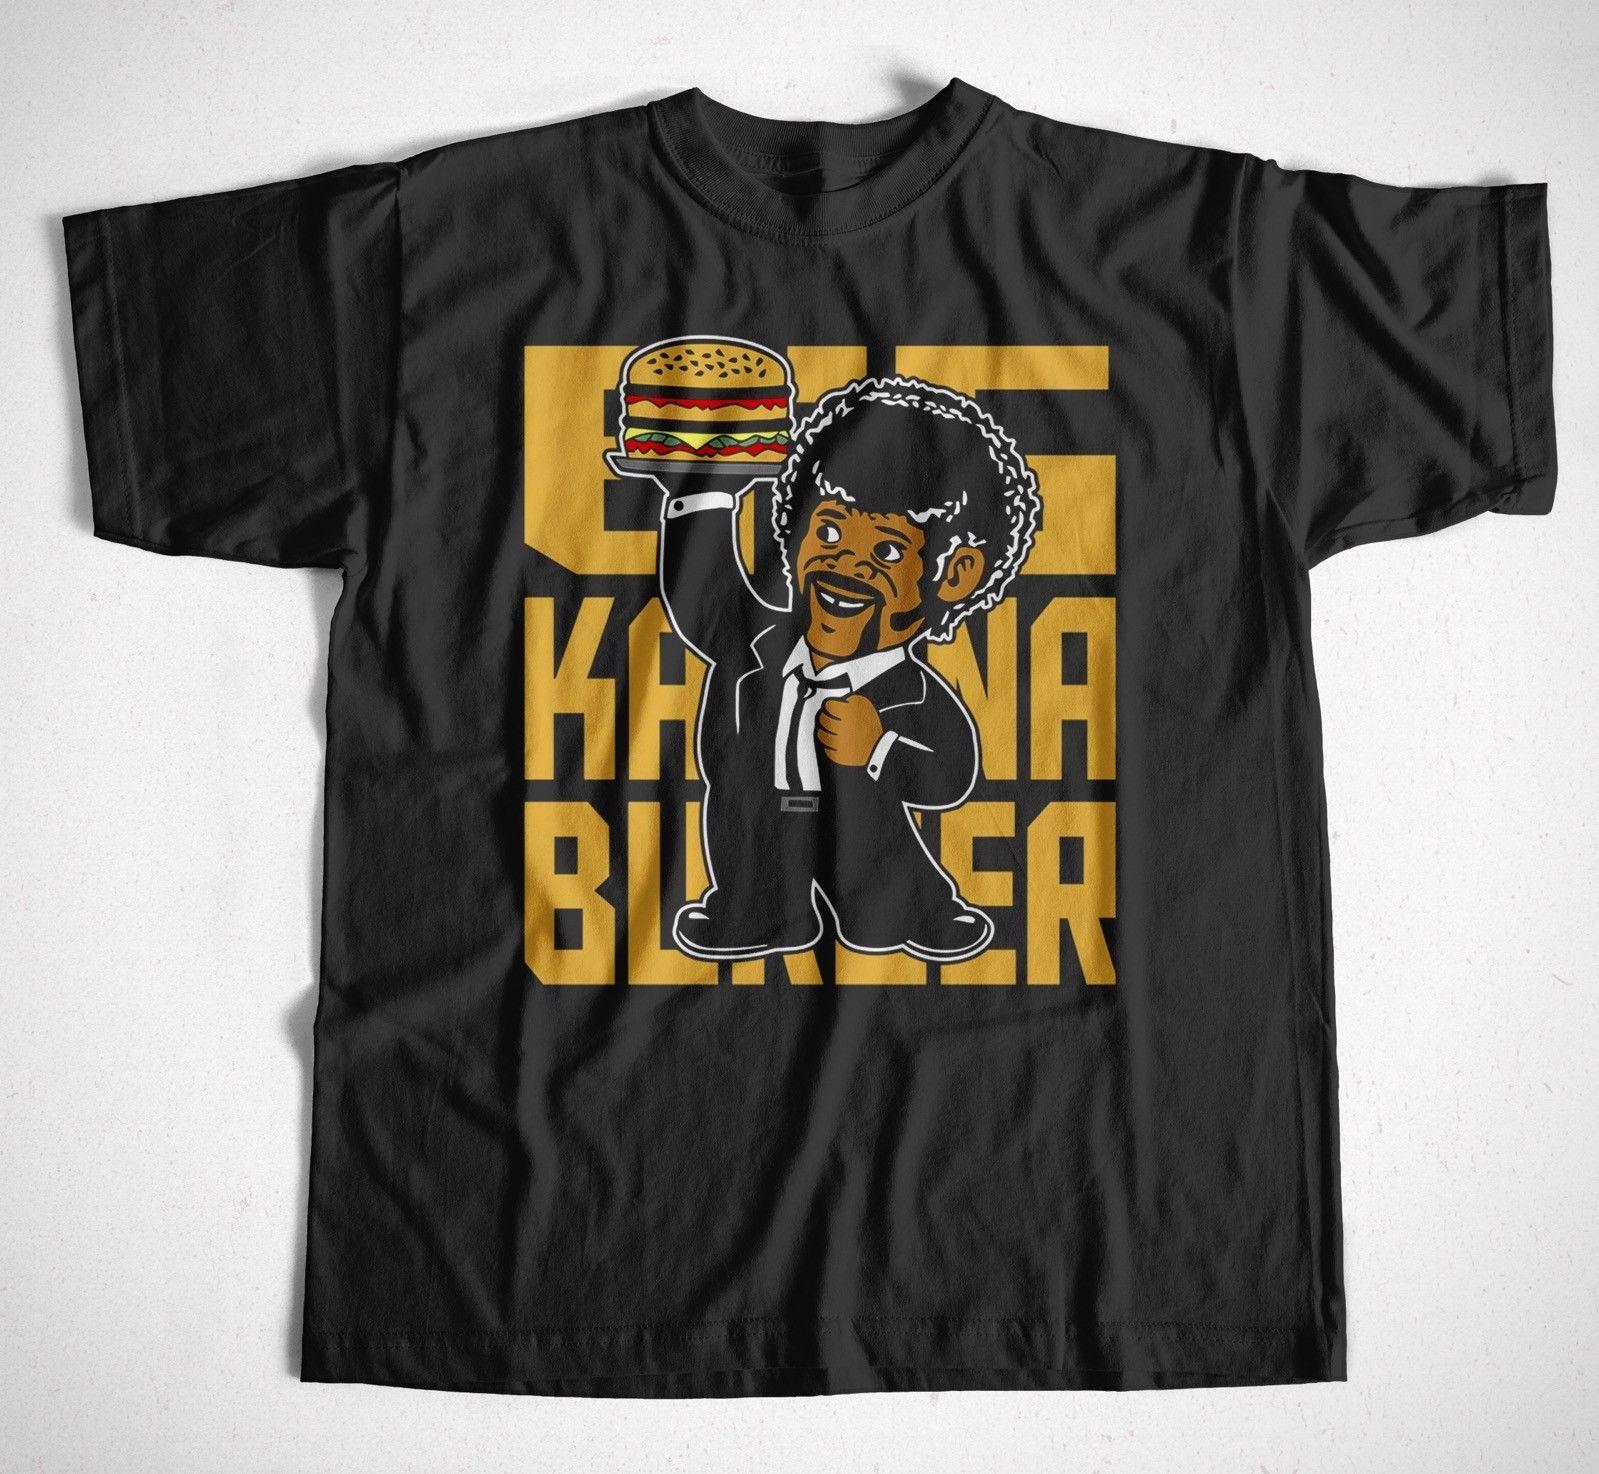 t-shirt-kahuna-burger-2-s-3xl-jules-winnfield-font-b-tarantino-b-font-pulp-fiction-movie-adults-casual-tee-shirt